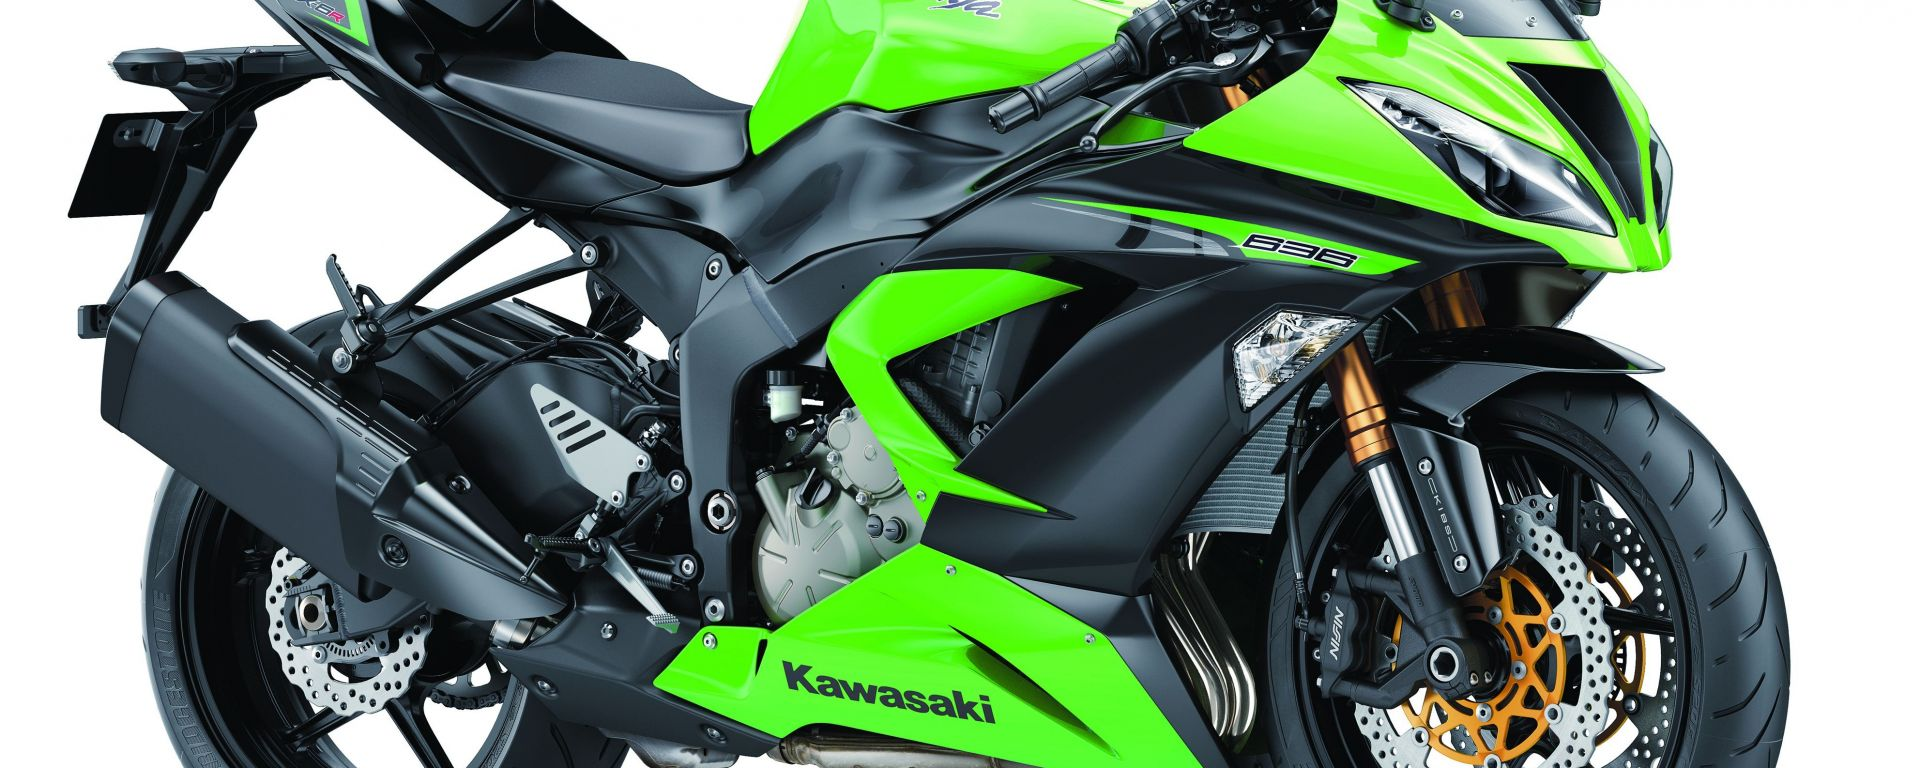 Kawasaki Ninja 636: il ritorno è previsto per il 2019